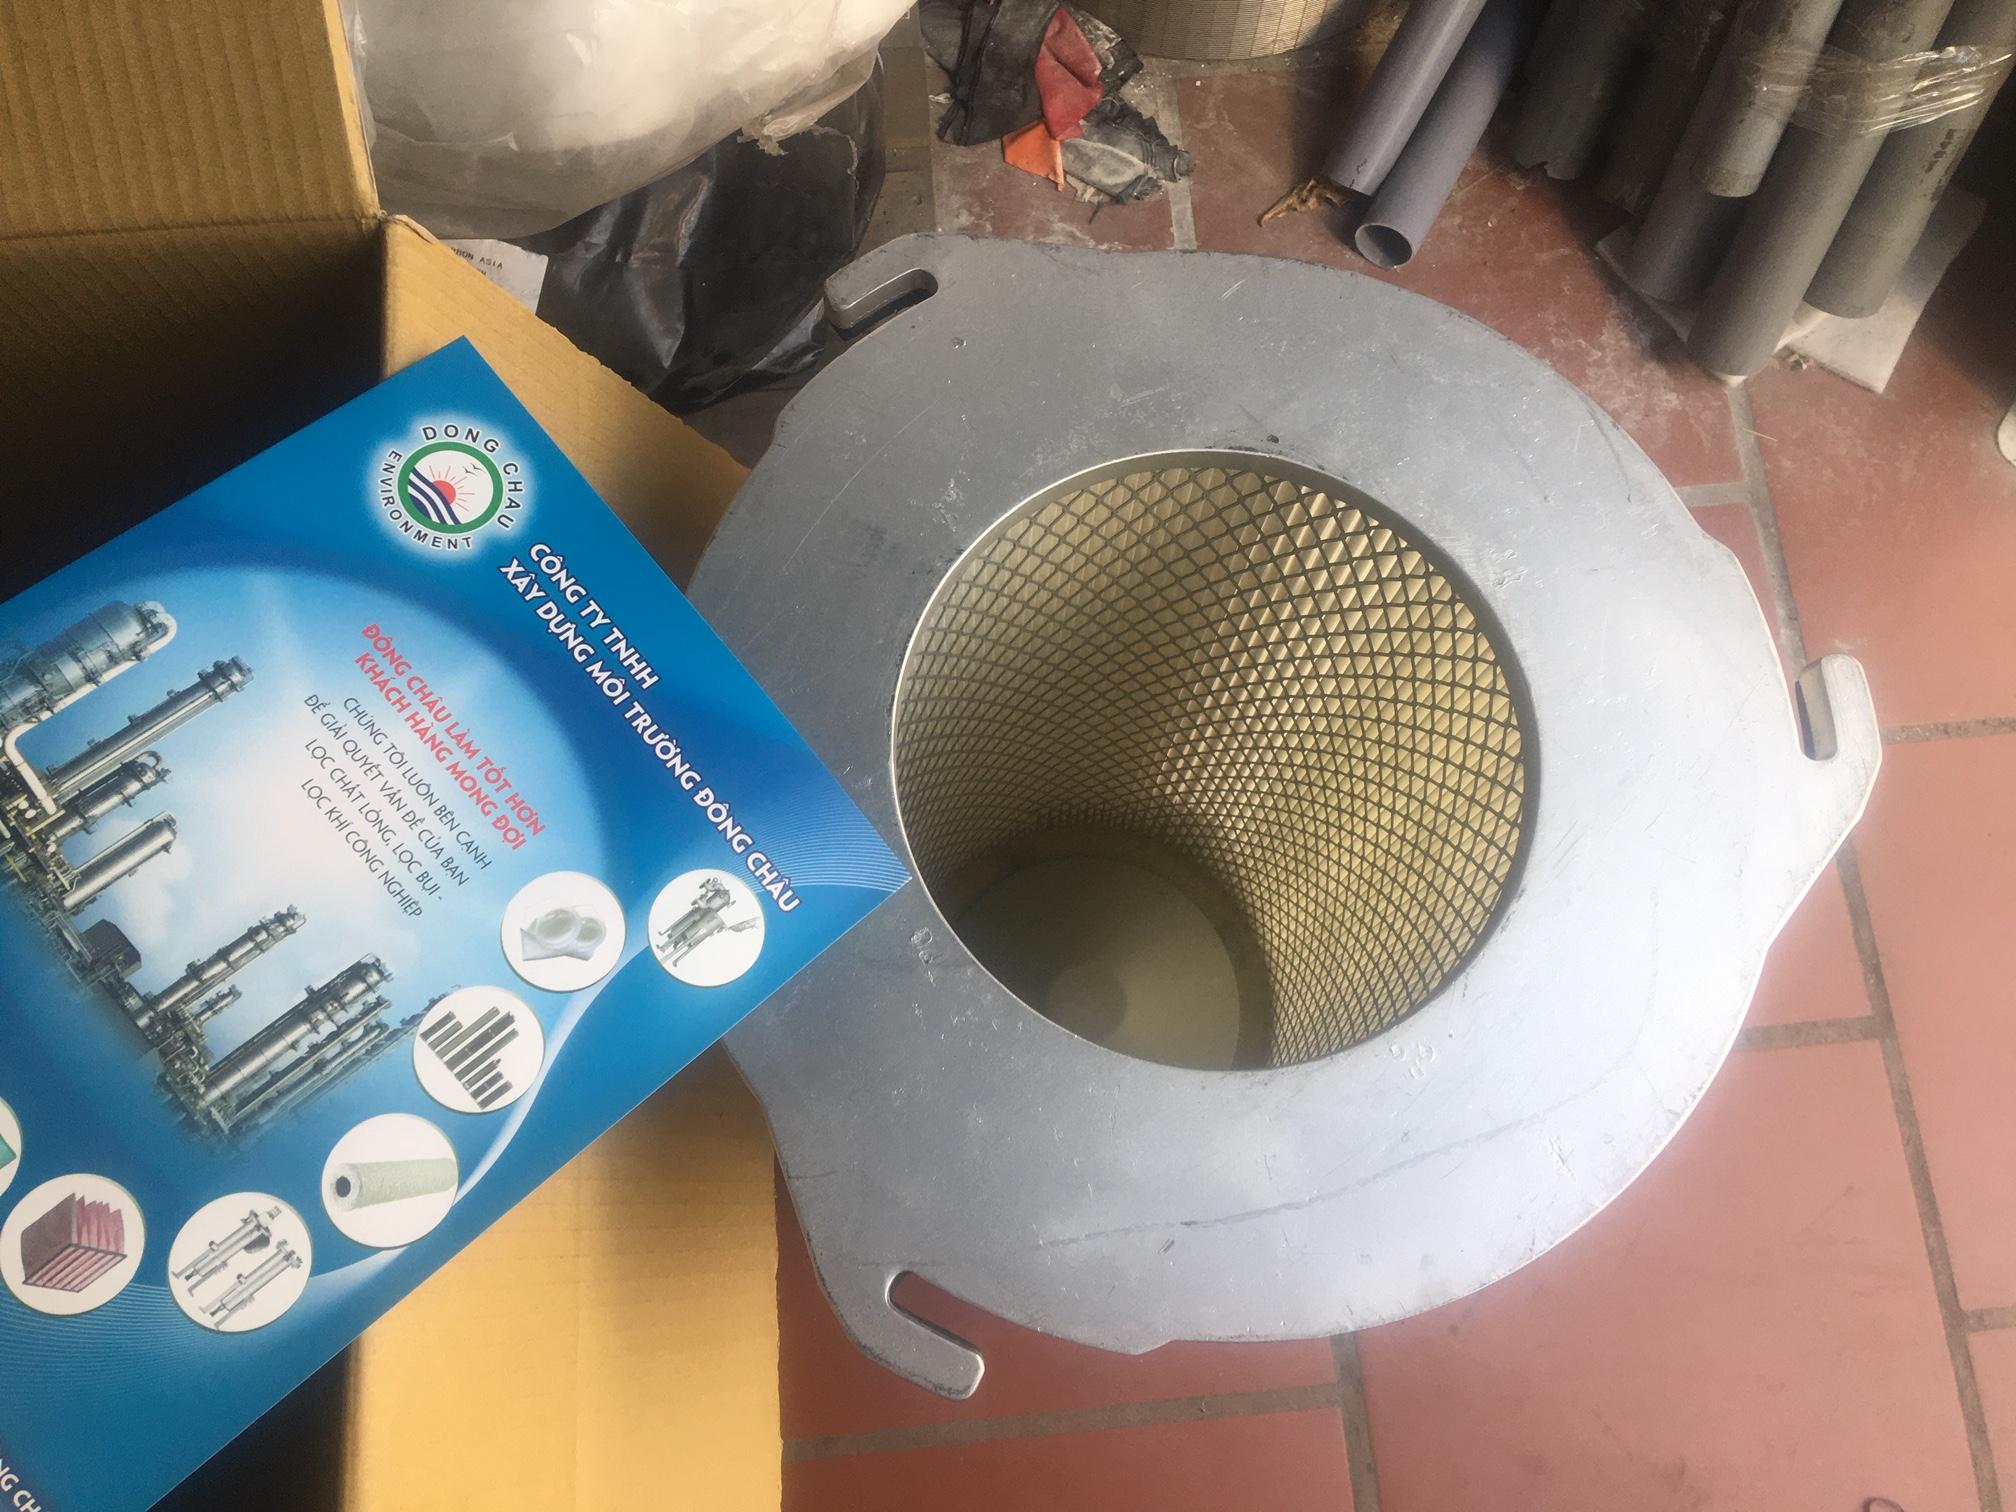 Phin lõi lọc bụi lọc khí giấy nhựa PE 3 tai ngàm